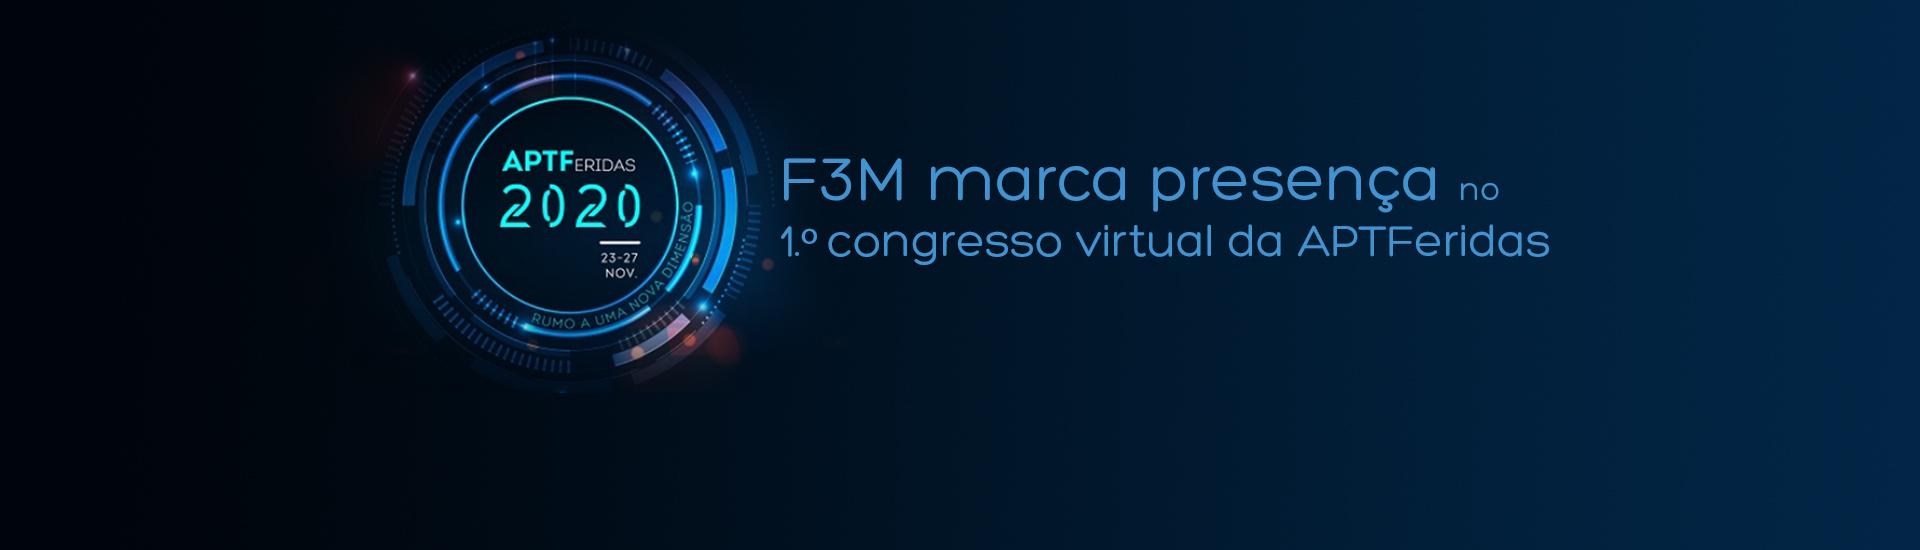 F3M marca presença no 1.º congresso virtual da APTFeridas